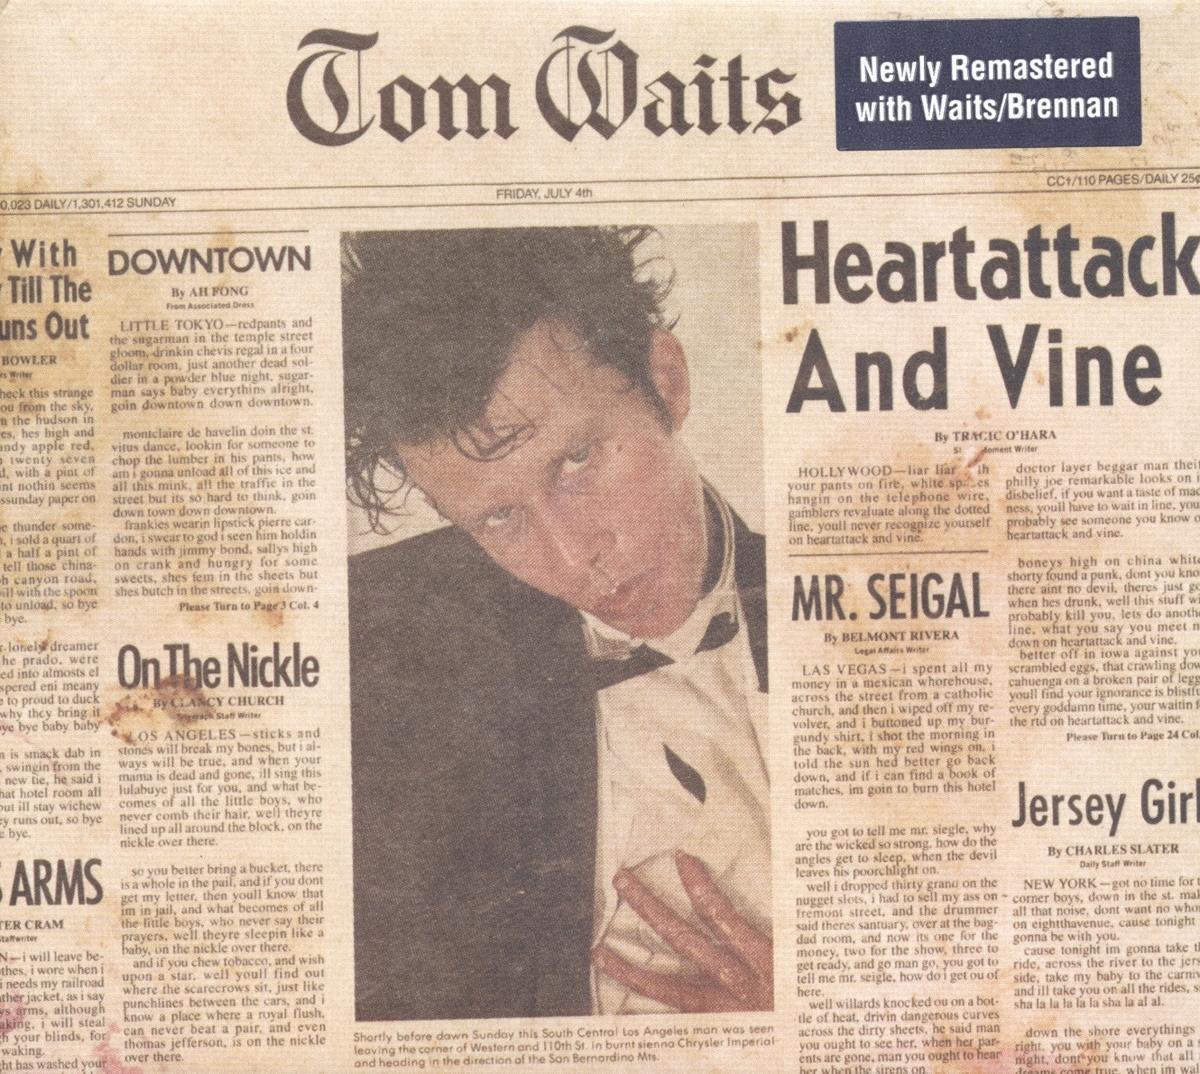 Heartattack & Vine - Tom Waits